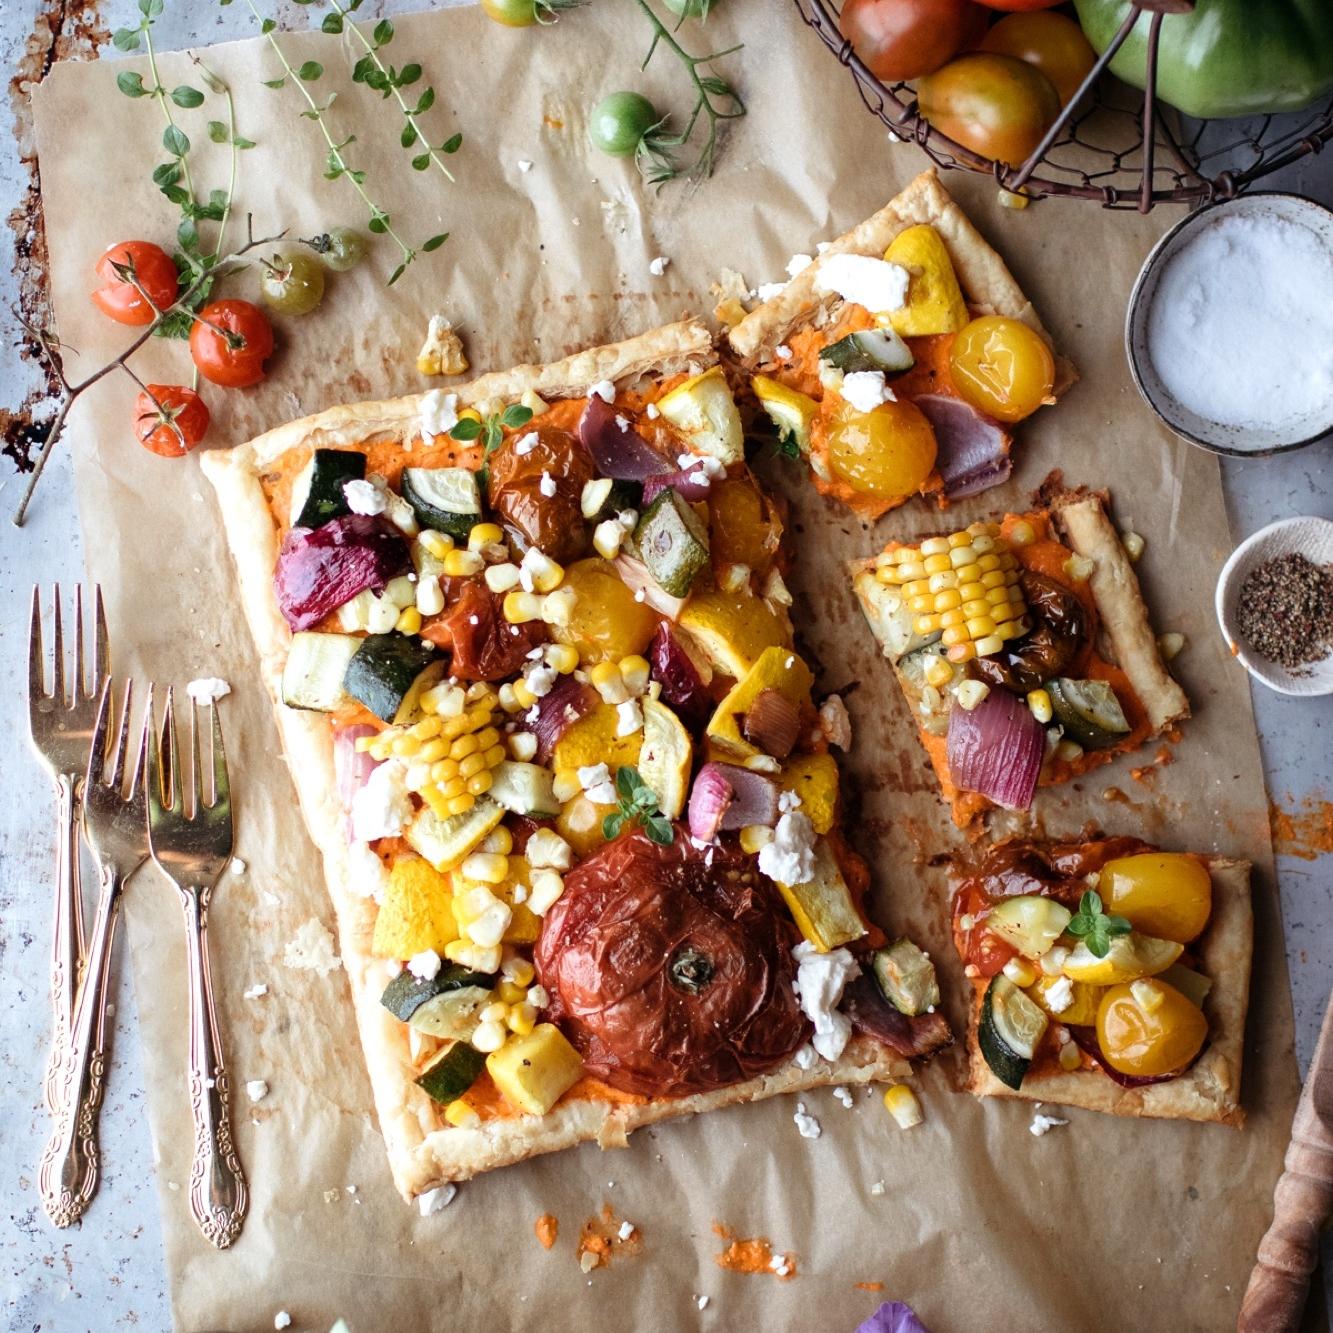 vegetarianventures.jpg